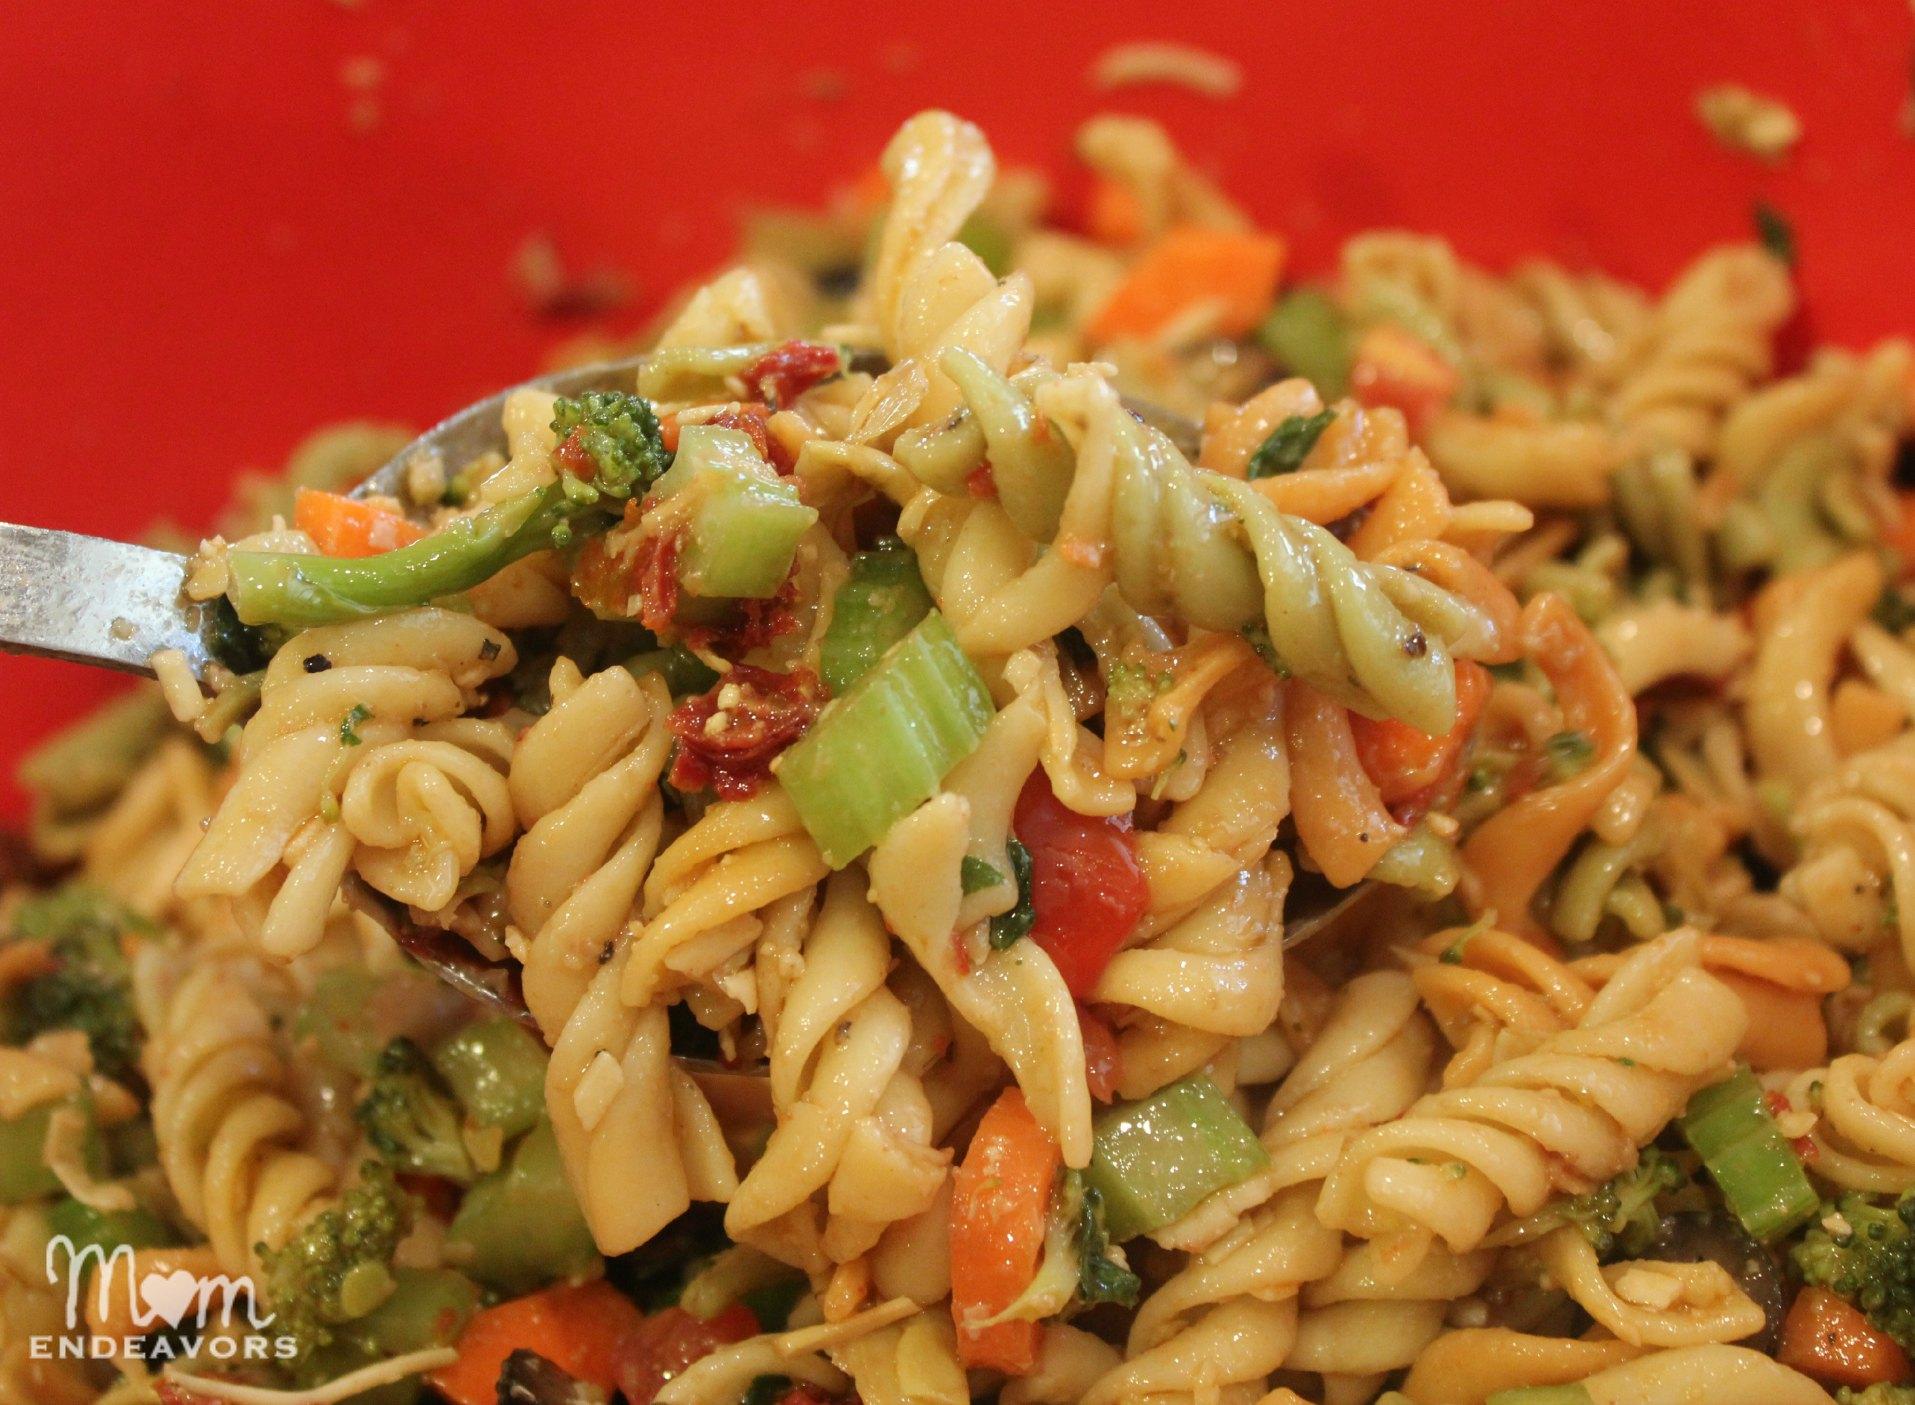 Italian Pasta Salad Sidedish